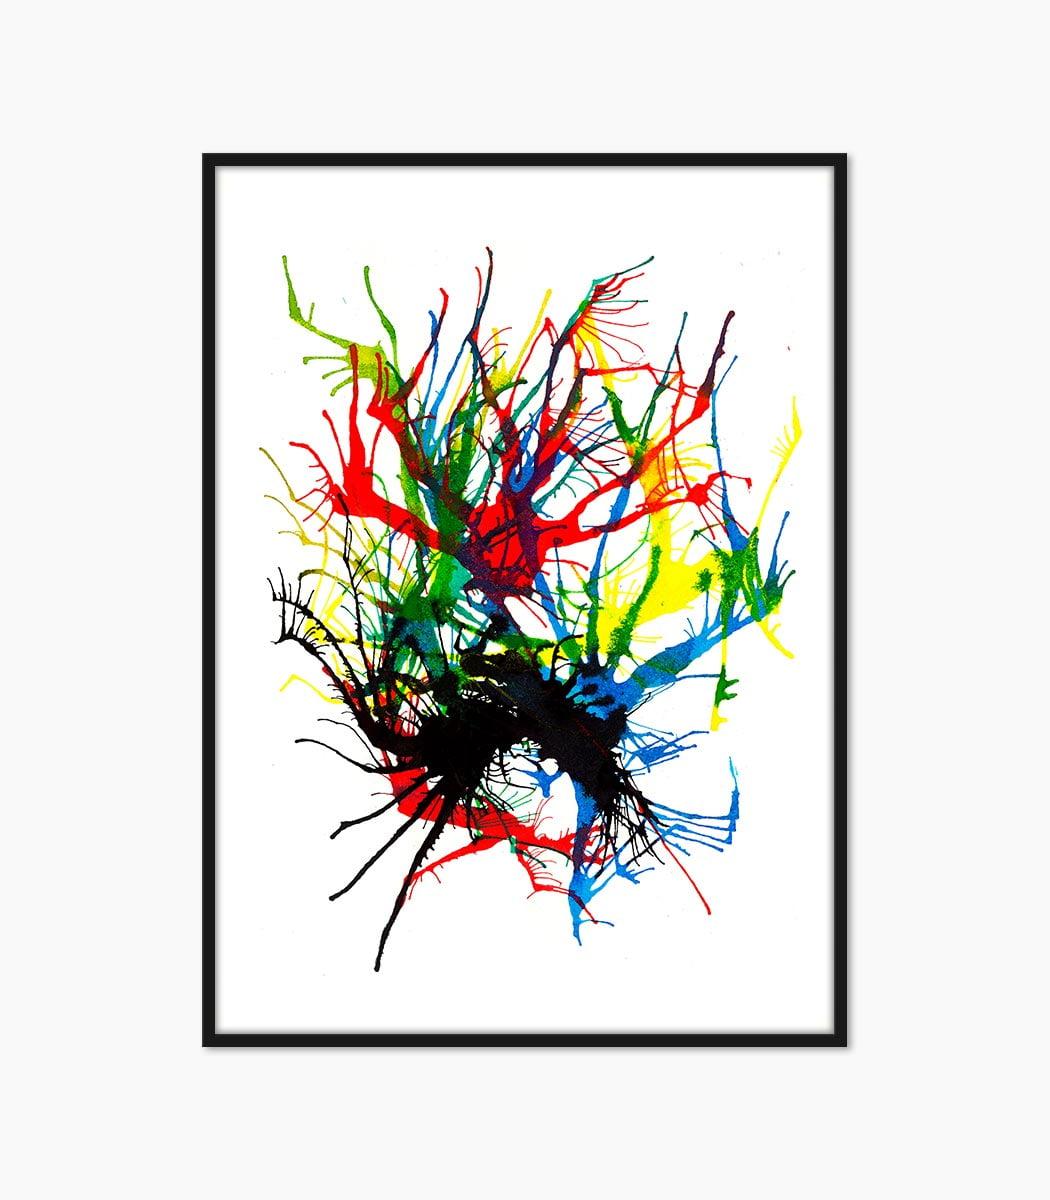 culoare cerneala creat manual si printat la calitate superioara numai pe www.artwall.ro